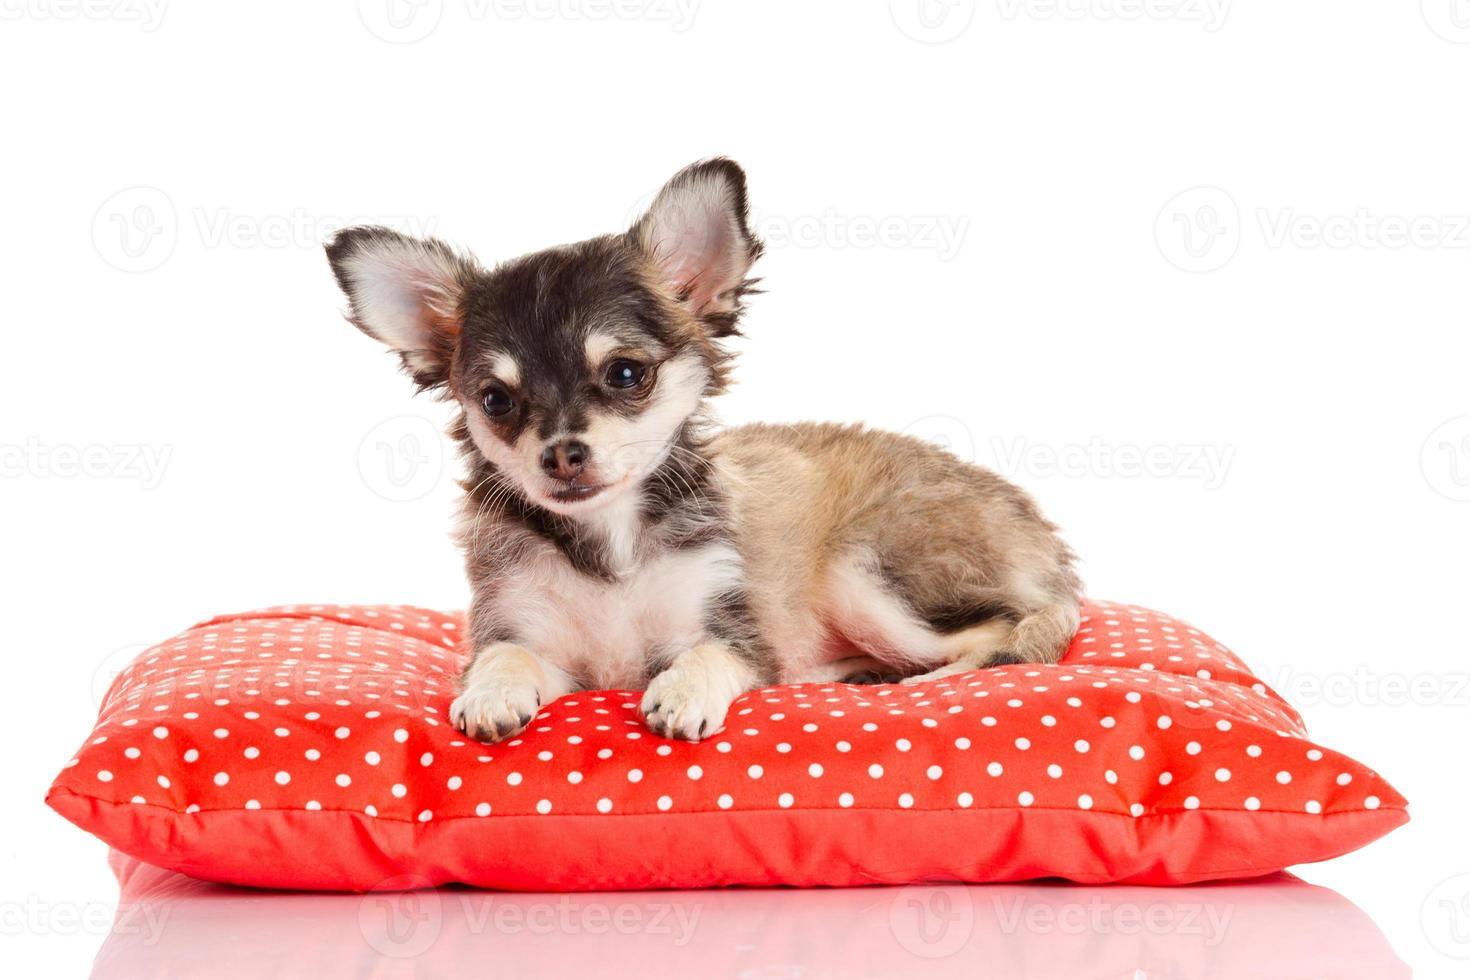 cachorro chihuahua no travesseiro vermelho foto